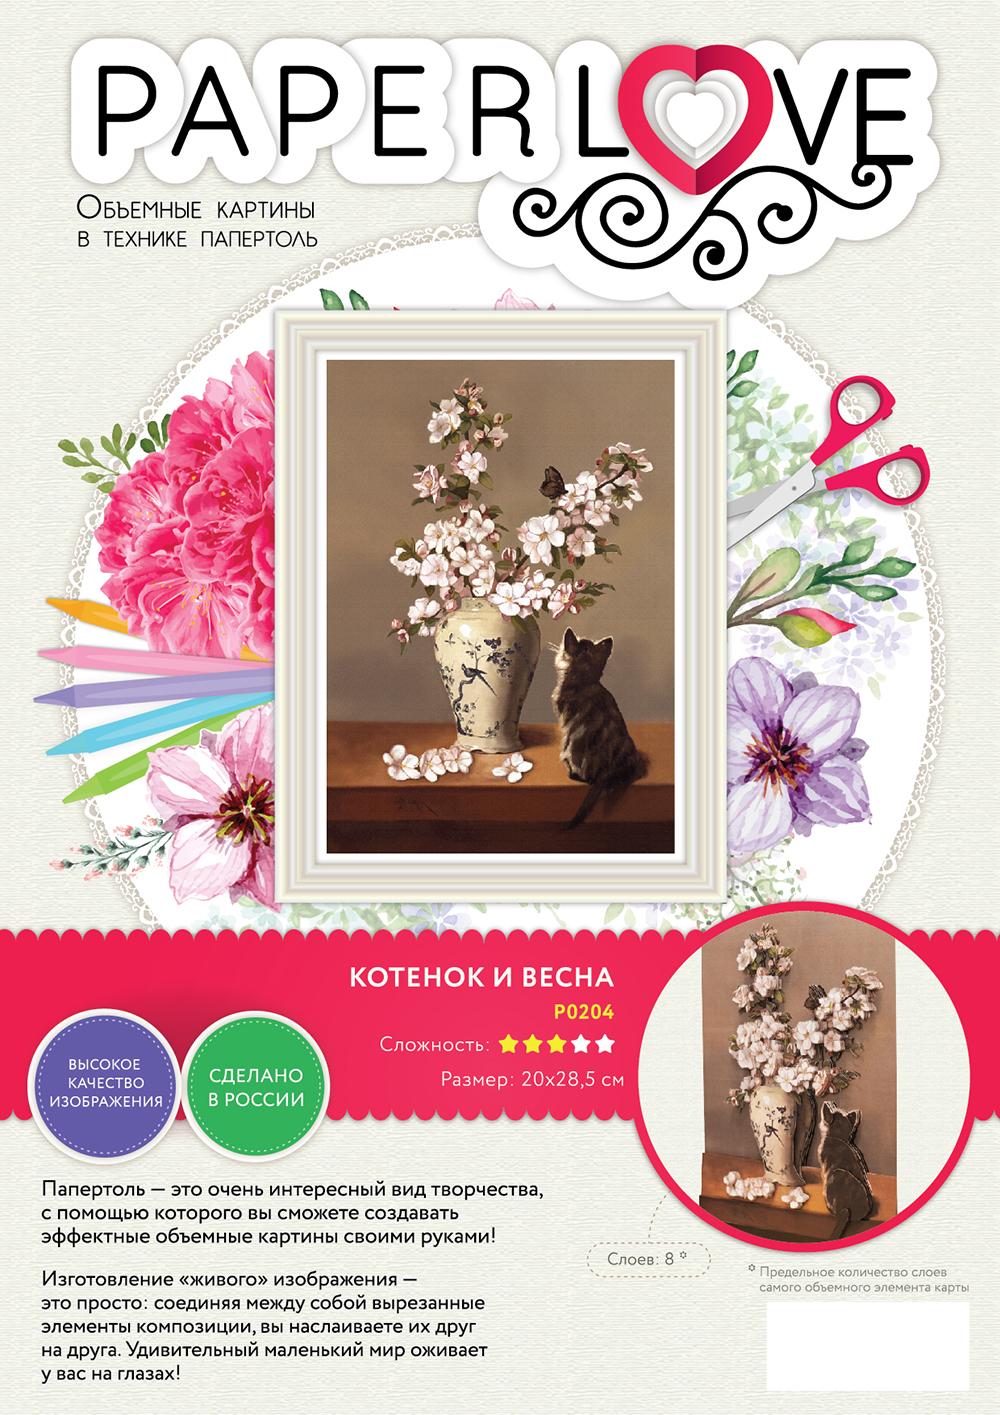 Папертоль Котенок и весна — фотография обложки.